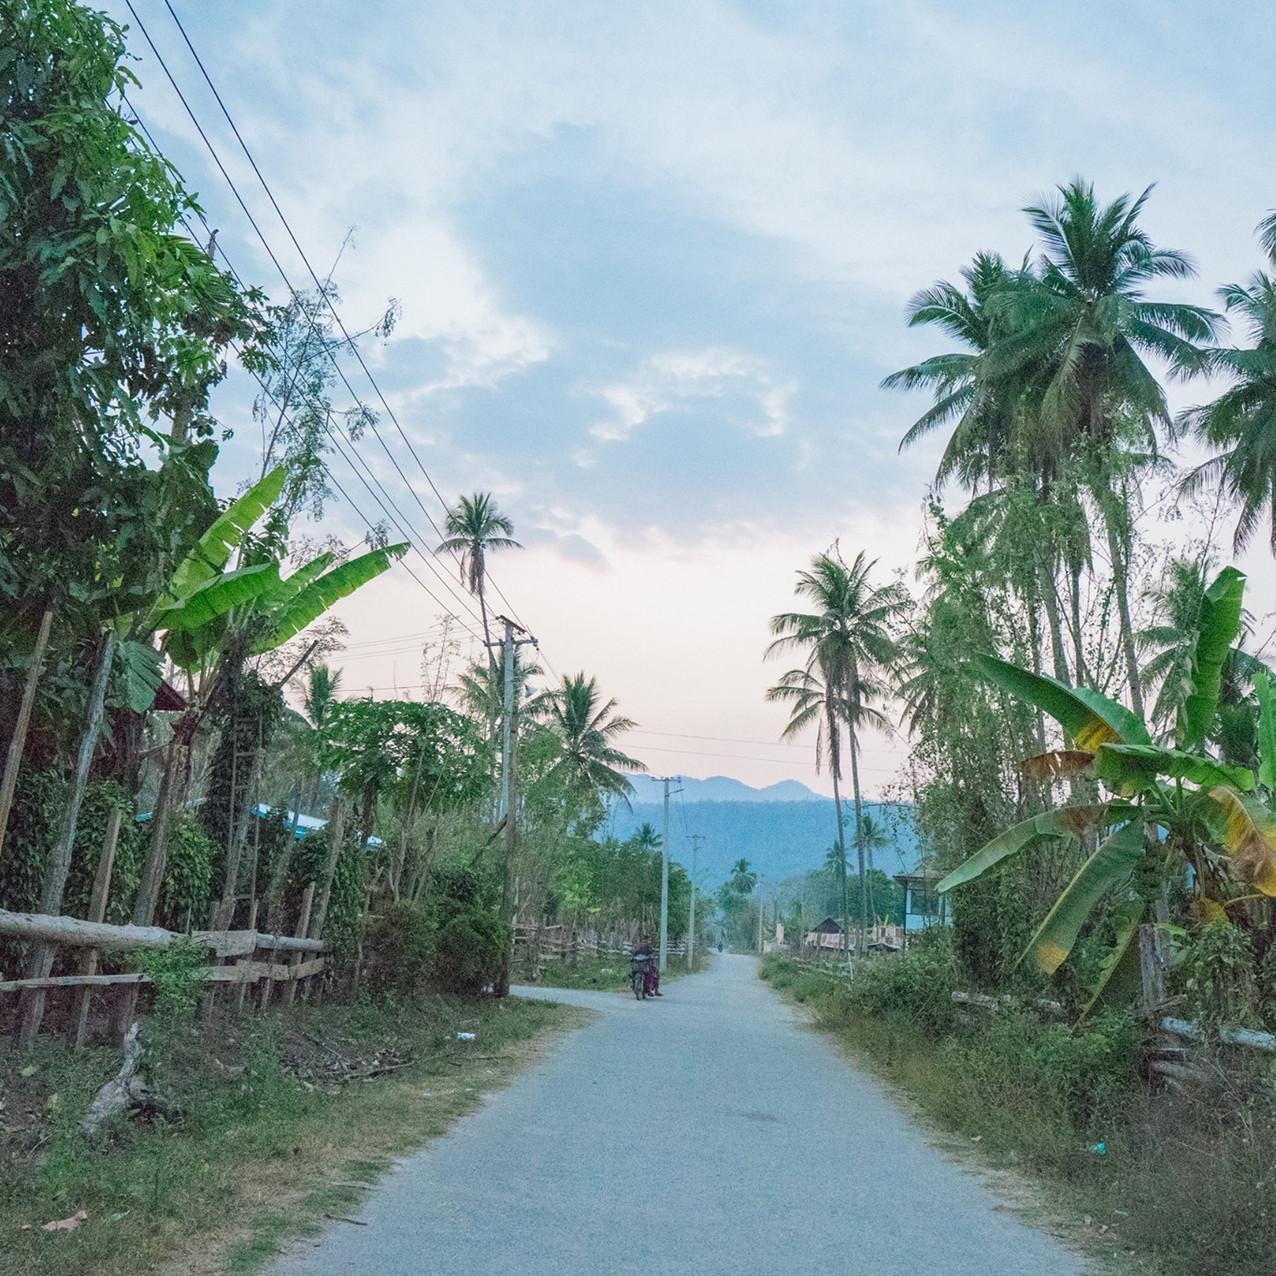 ရွာထဲမှာတော့ ထူးခြားစွာပဲ အုန်းပင်များစွာ ပေါက်နေပါတယ်။ အုန်းပင်တော လိုမျိုးတွေ များလွန်းတော့ ပင်လယ်ကမ်းခြေမြို့လေးနဲ့တောင် သွားတူနေပါသေးတယ်။